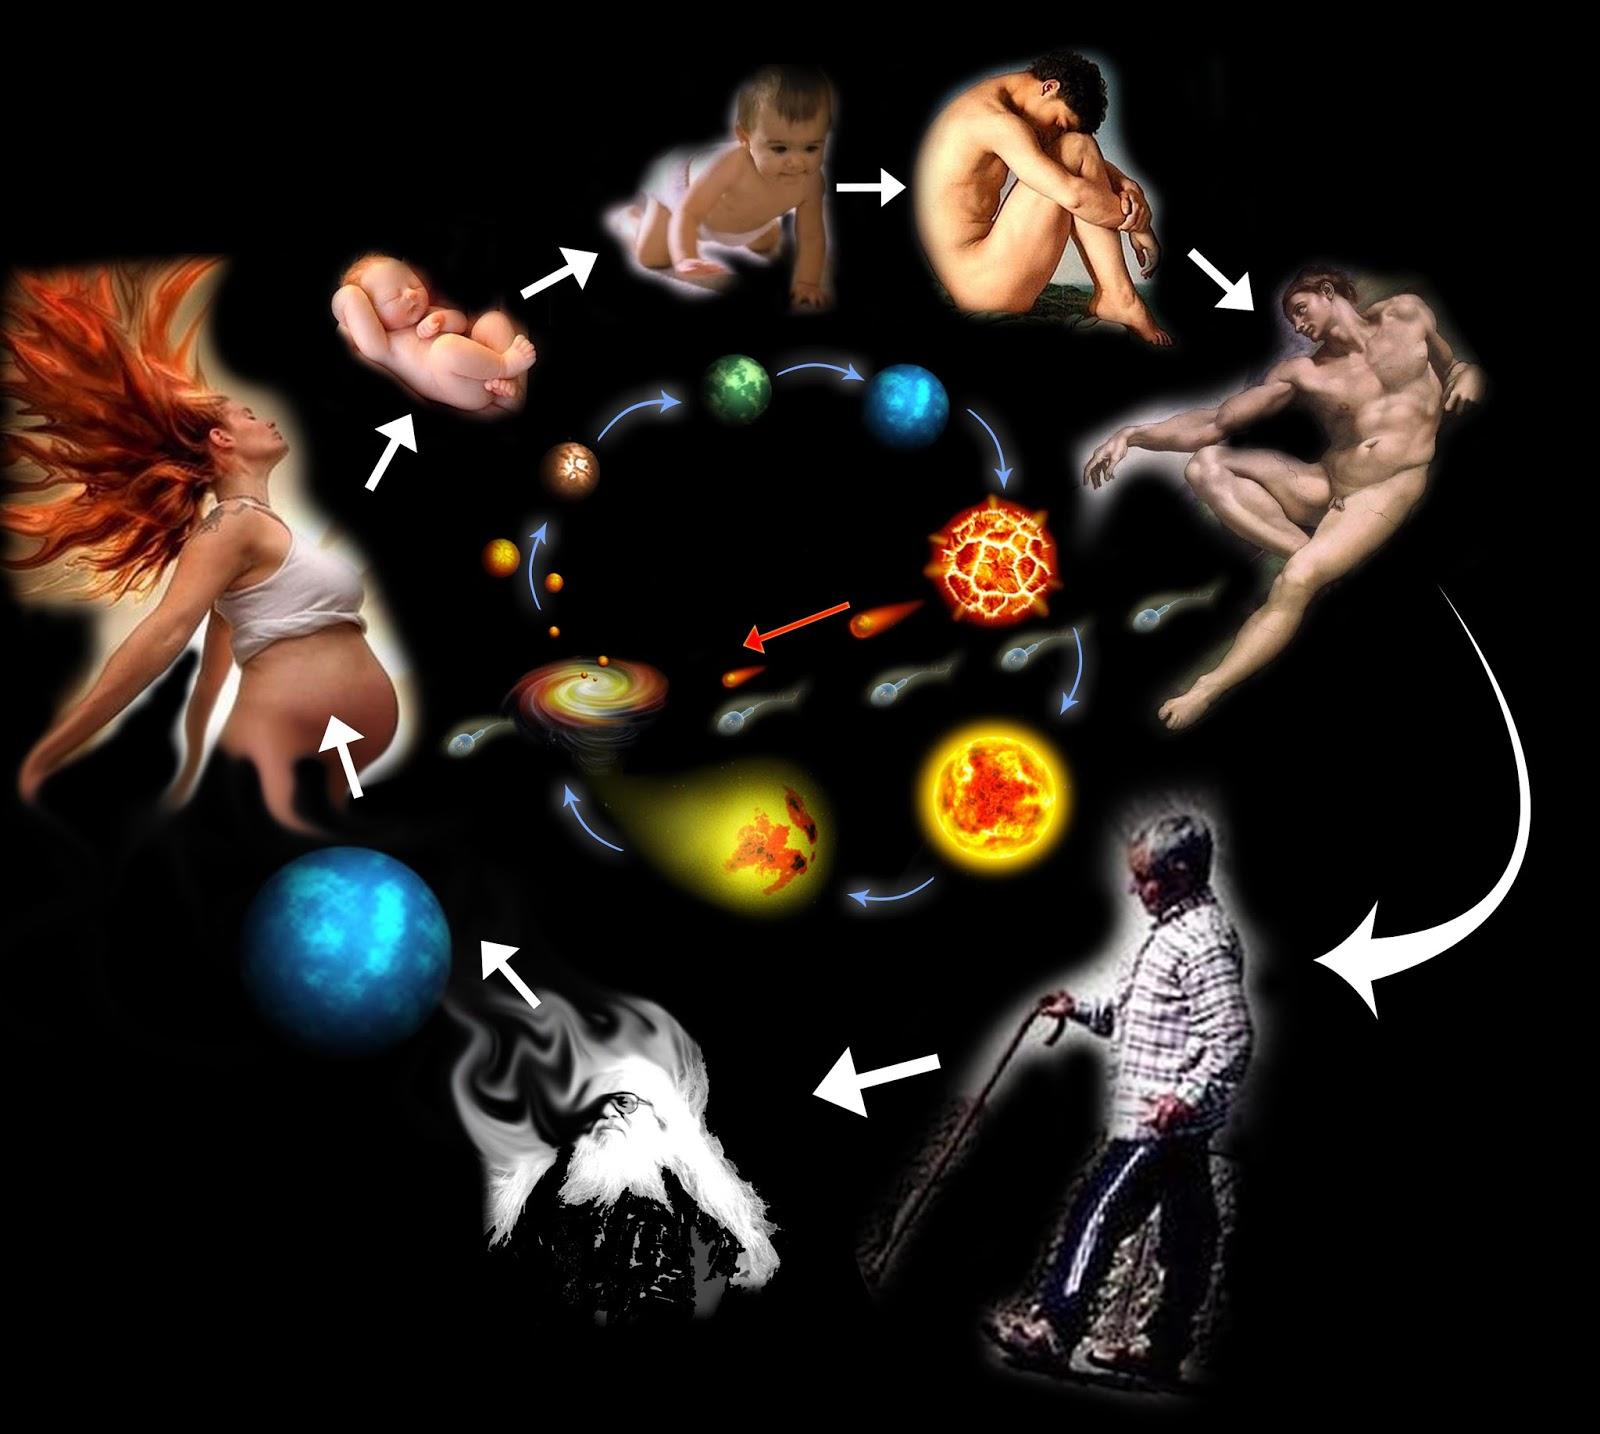 Explodador Dos C 233 Us Origem Da Vida E Vida Extraterrestre